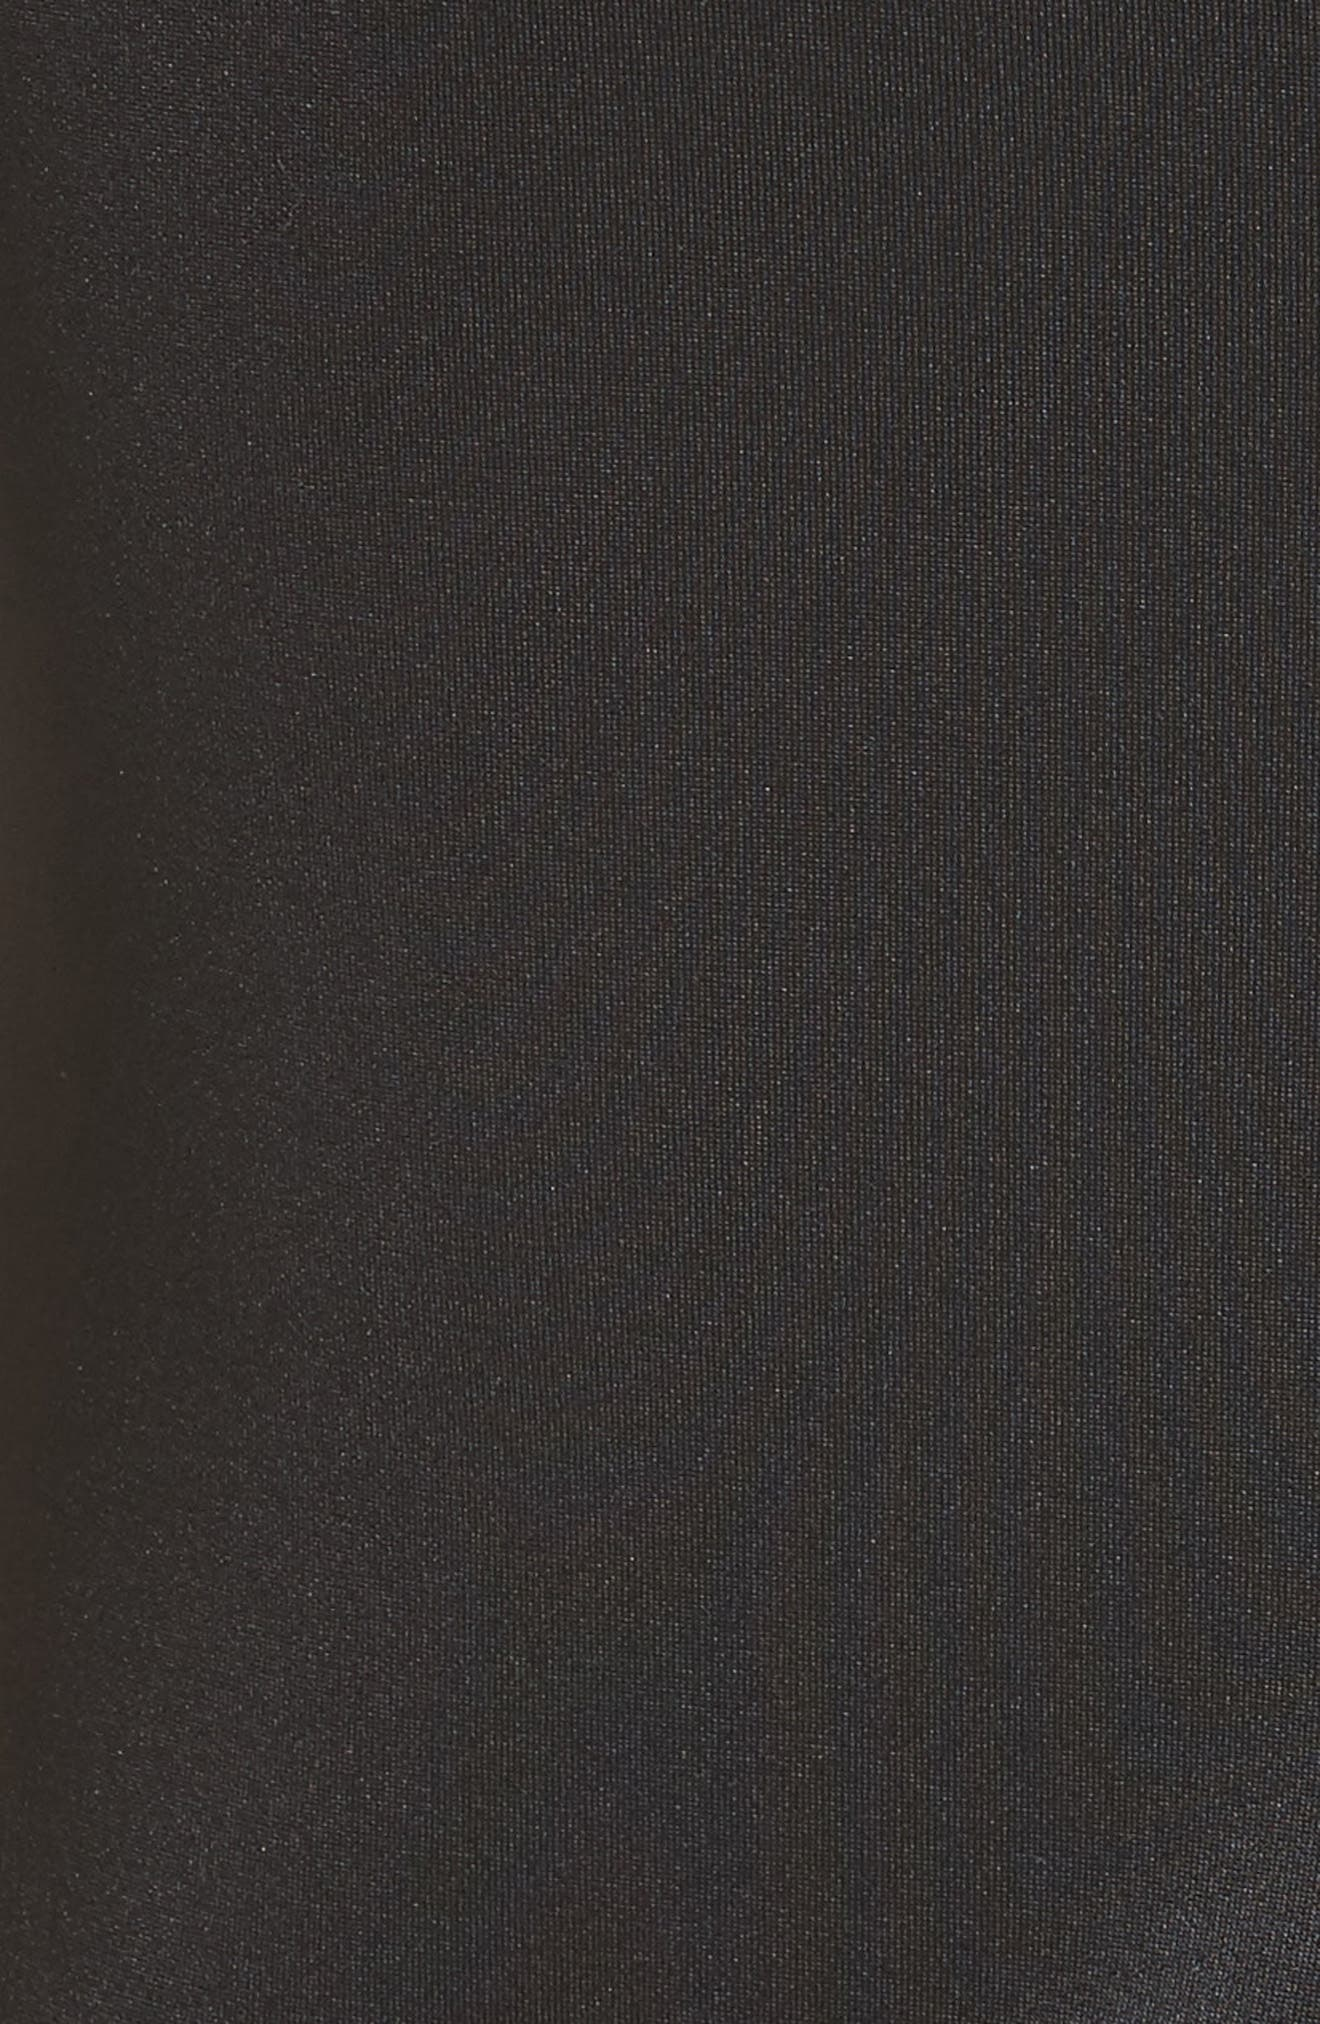 Neoprene Fit & Flare Dress,                             Alternate thumbnail 6, color,                             001